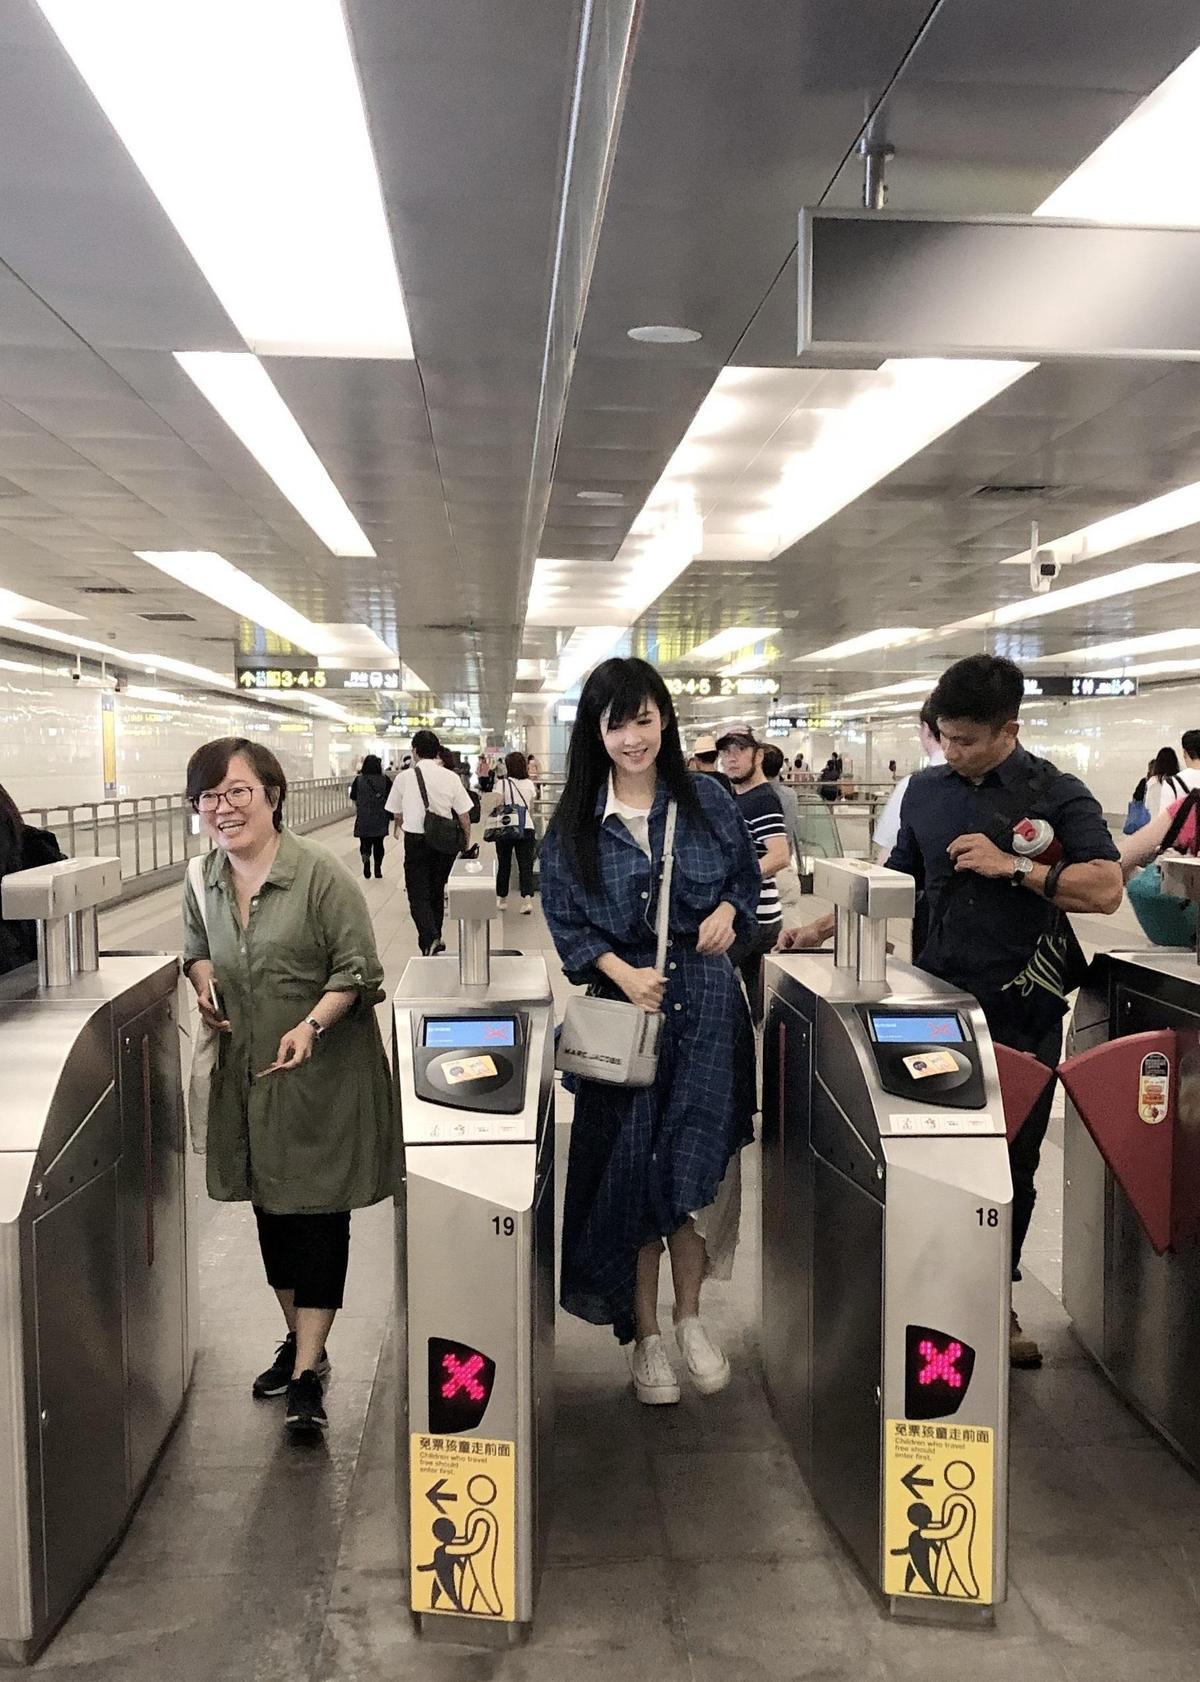 坐完了捷運後,周慧敏對台北捷運便利印象深刻。(寬宏藝術提供)